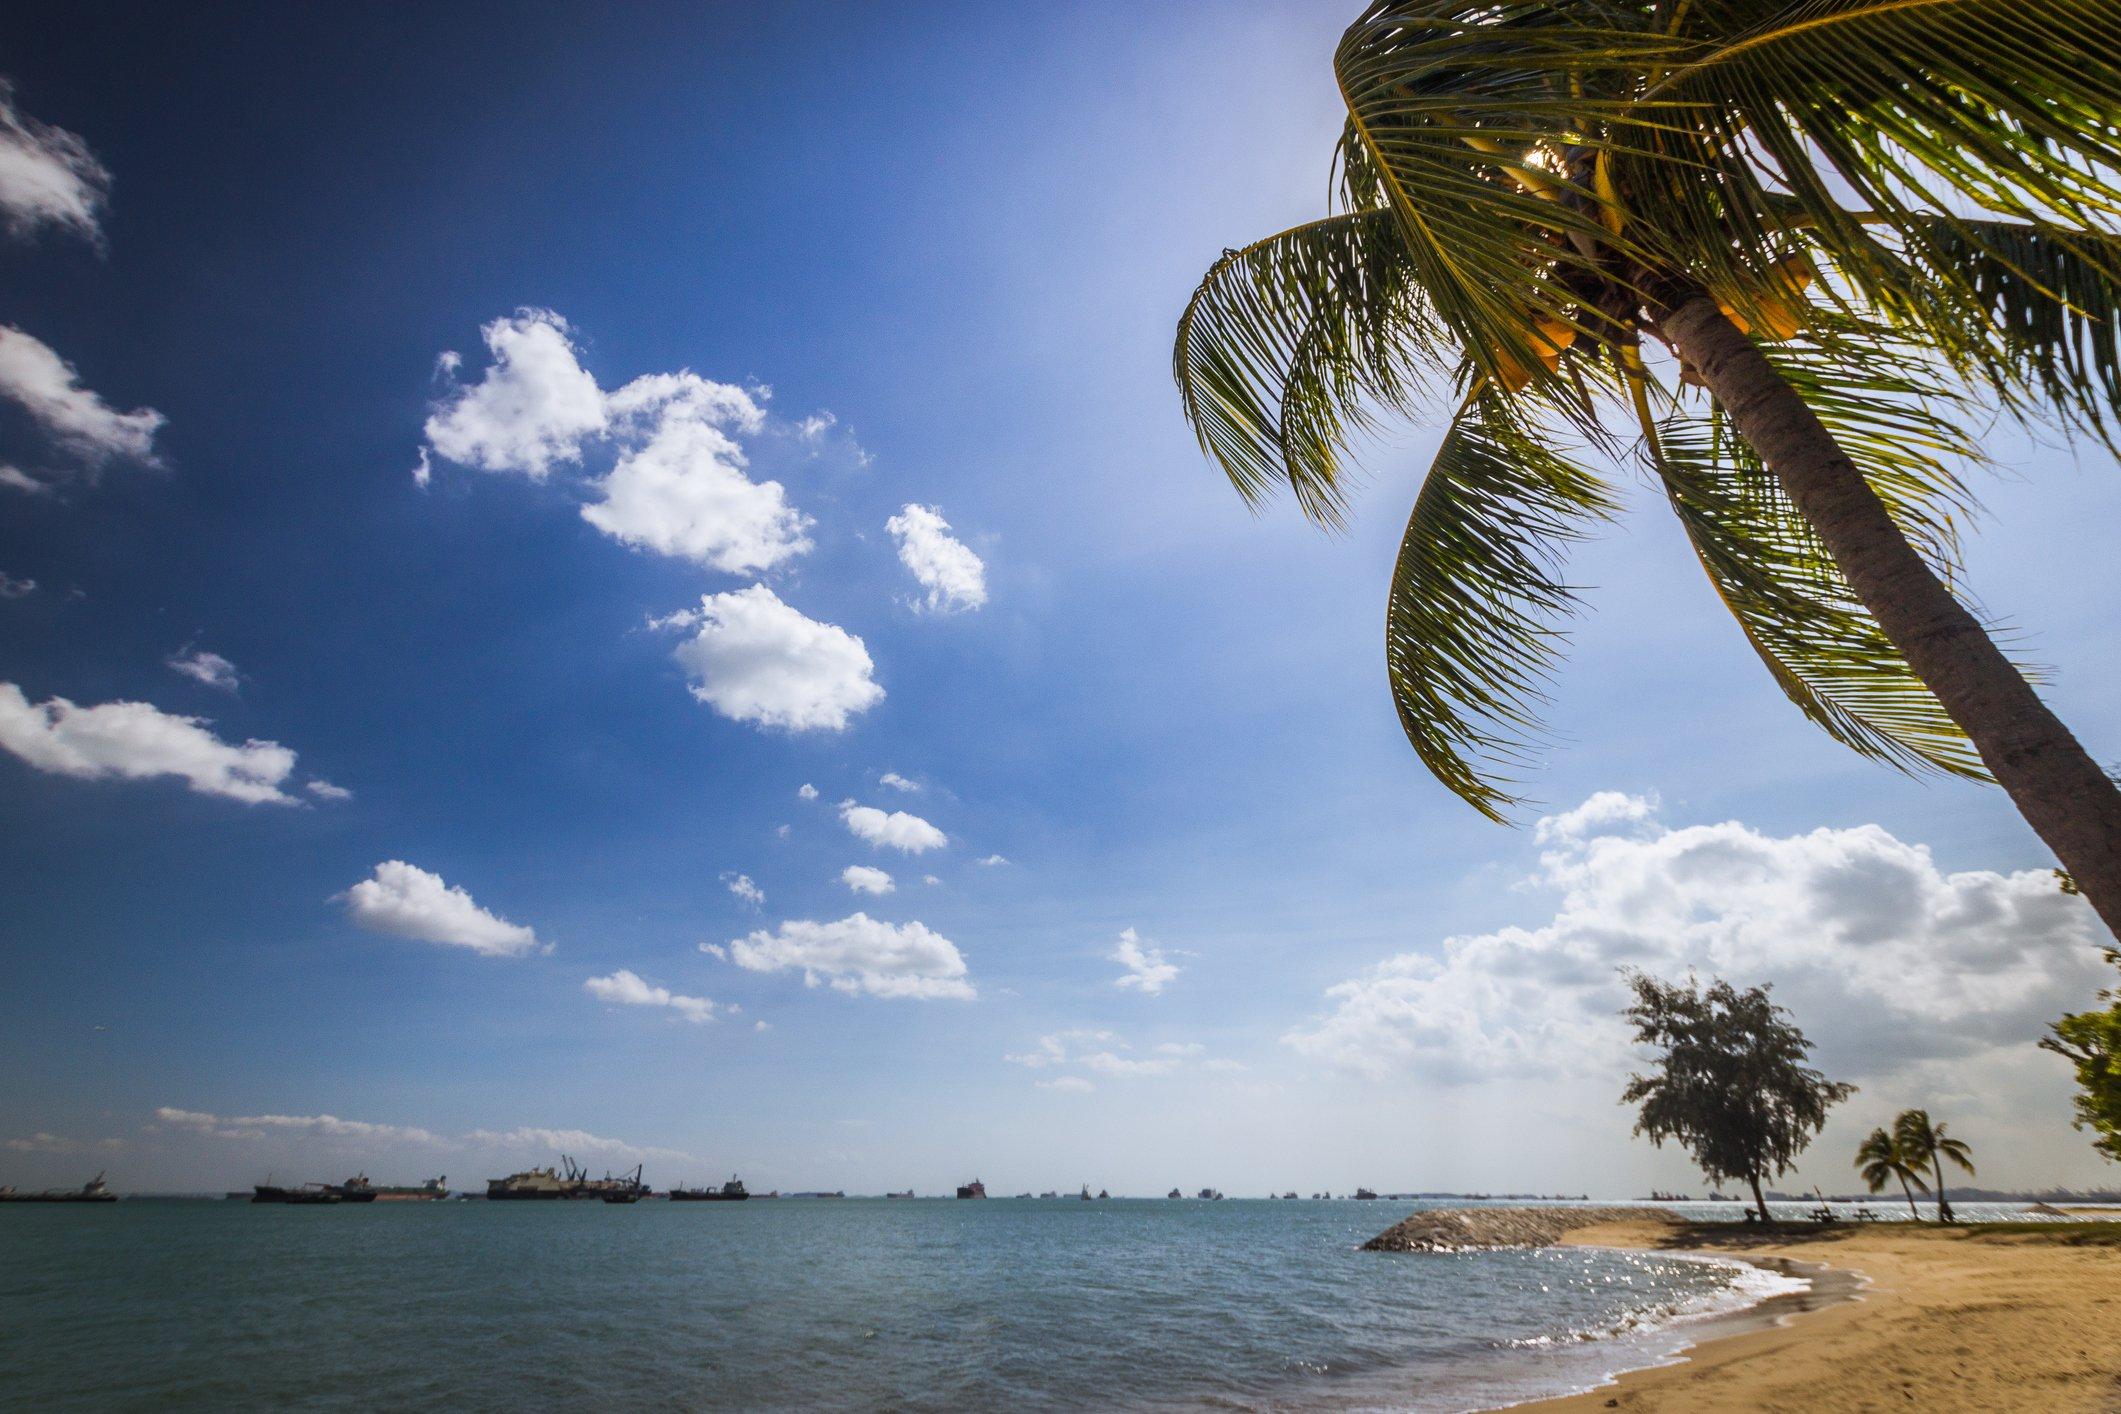 East Coast beach with coconut tres